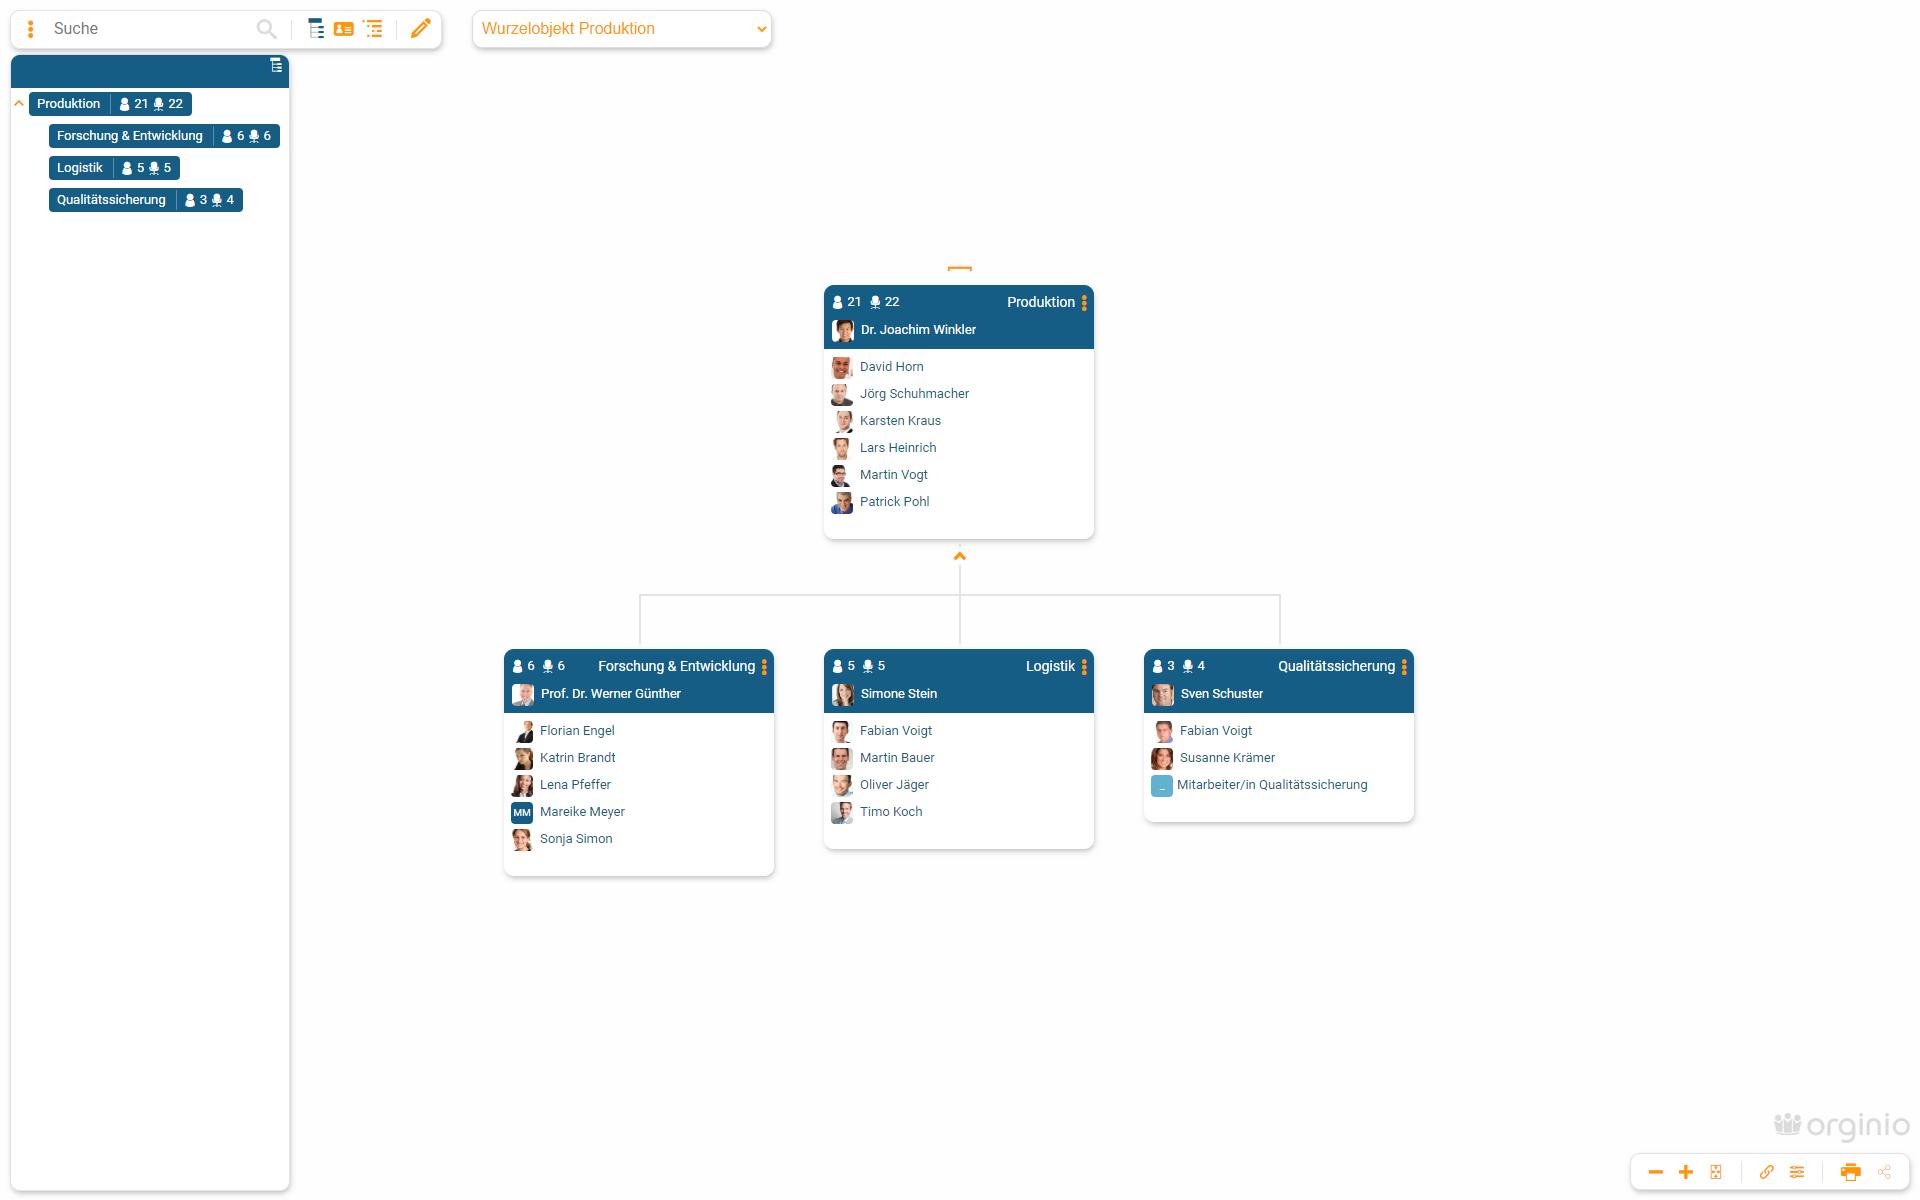 Das Organigramm der Simulation wird ab dem Wurzelobjekt dargestellt